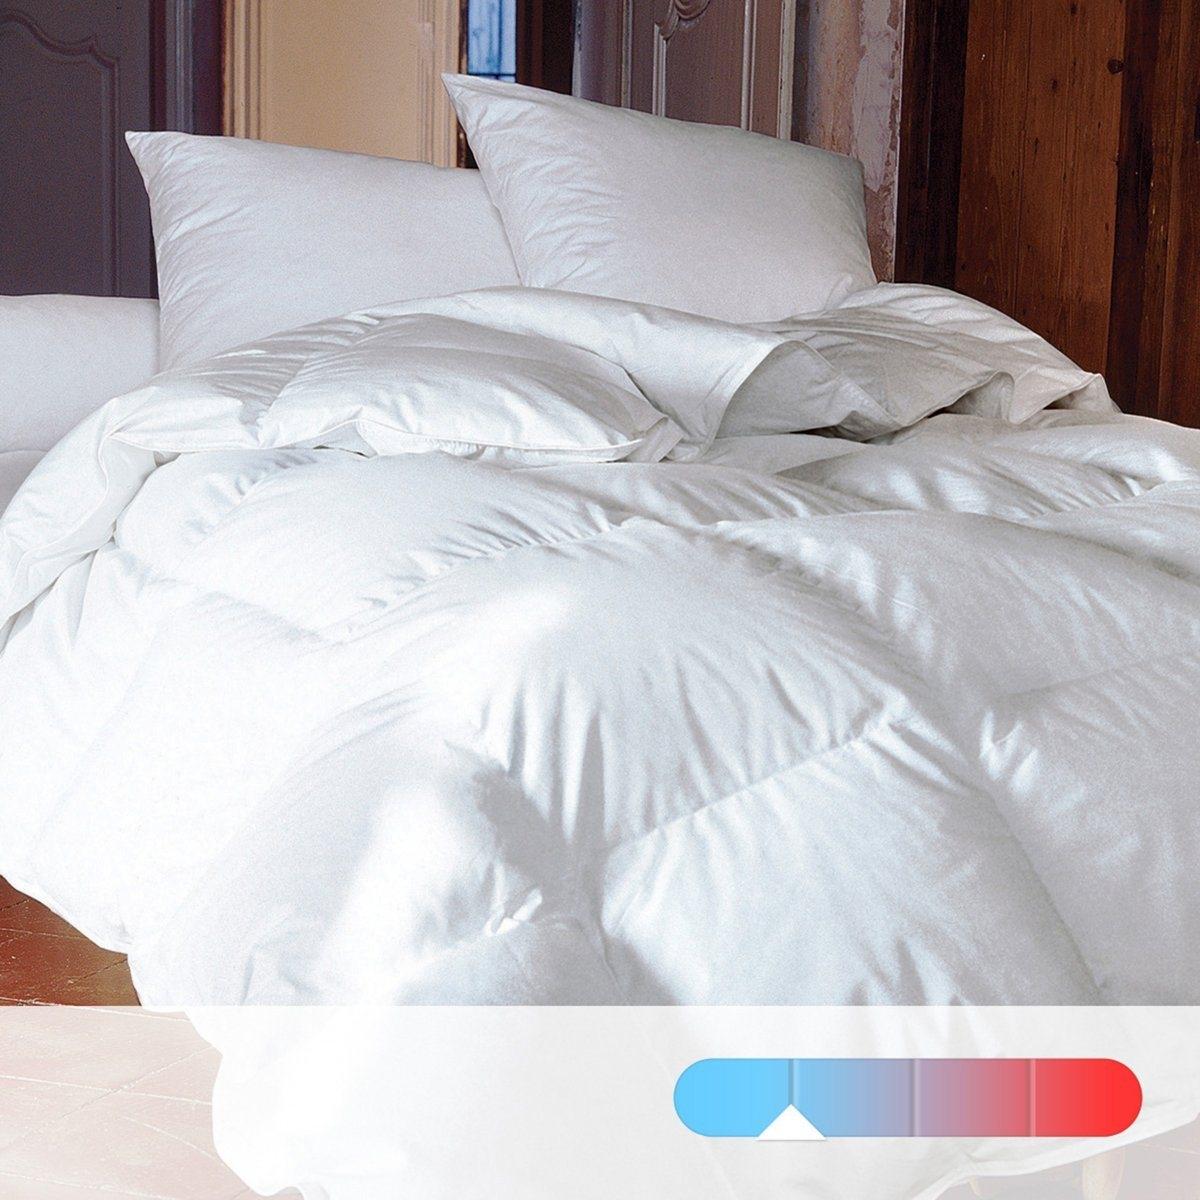 Одеяло натуральное для комфортного сна. Прохладное: 15% пуха, 85% перьев.Одеяло натуральное для комфортного сна valeur s?re : мягкое и удобное!Покрытие: Превосходная тонкая перкаль из 100% хлопка.Наполнитель: 100% натуральный, настоящий пух молодой утки. Прохладное: 15% пуха, 85% перьев. 330 г/м?. Прострочка: квадратами. Отделка кантом, двойной усиленный стежок.Стирка при 40°.Доставка в чемоданчике для хранения.Гарантия – 2 года.<br><br>Цвет: белый<br>Размер: 200 x 200  см.260 x 240  см